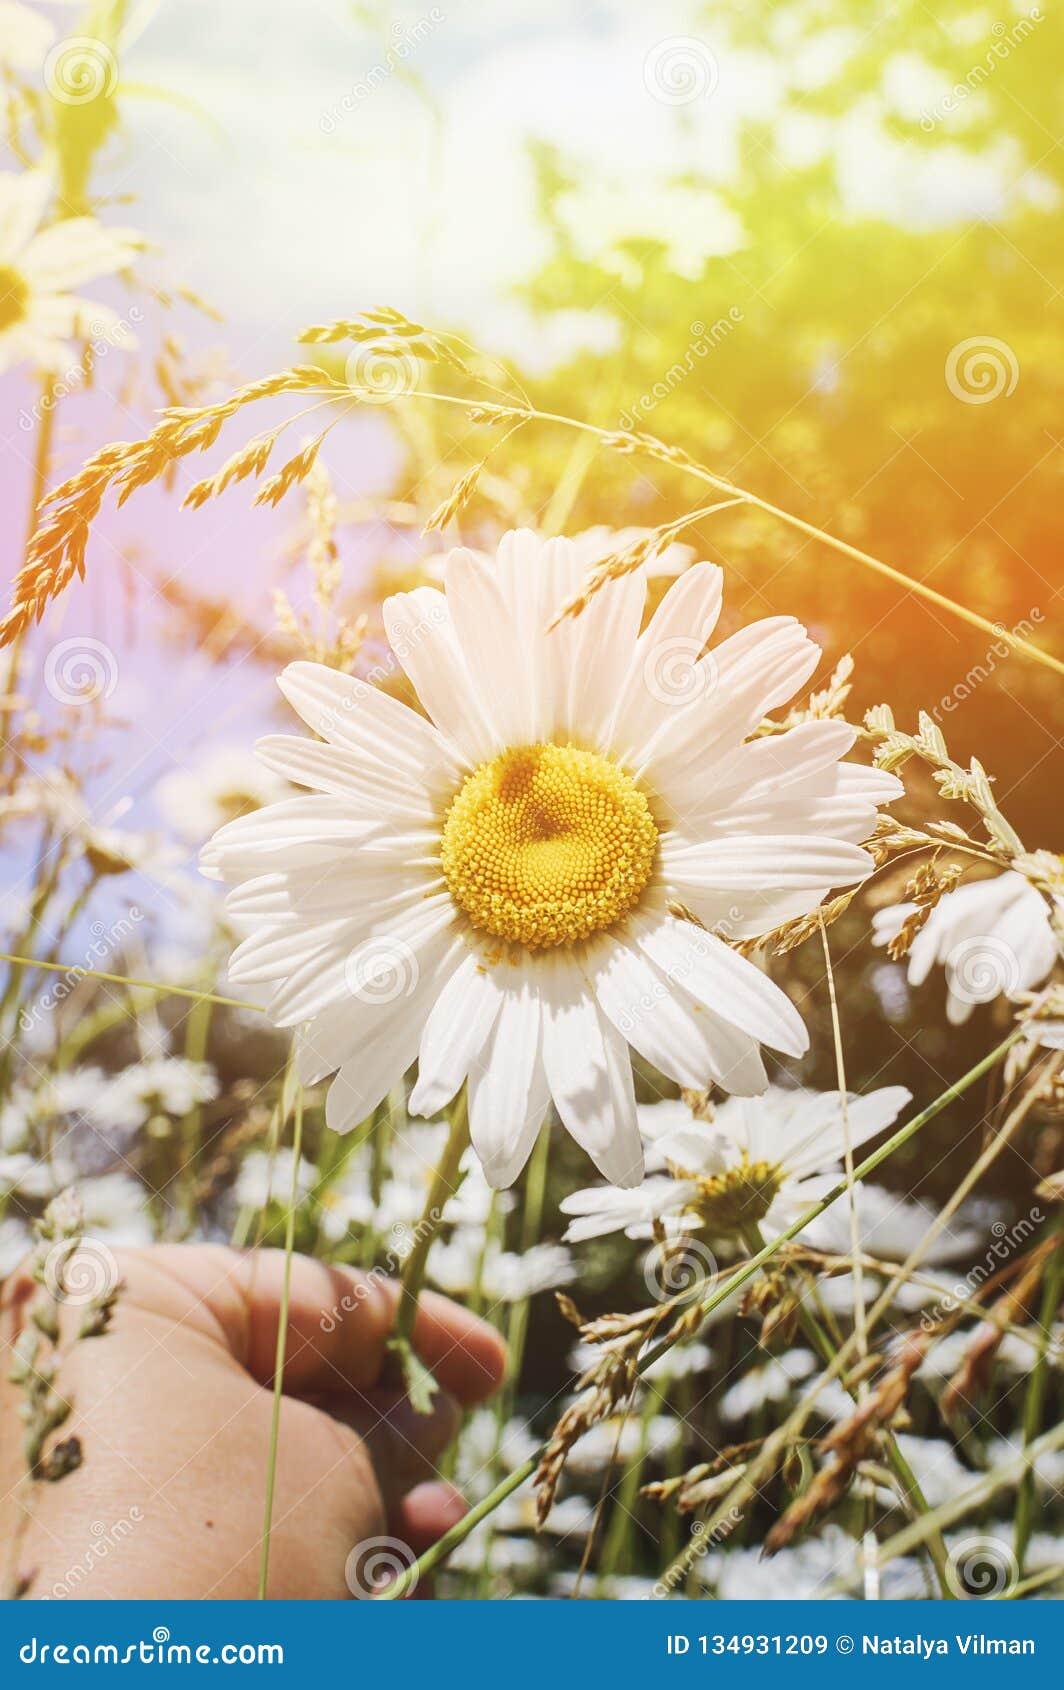 Camomille sur un pré d été à la lumière du soleil, plan rapproché Beau fond d été Effet du coucher de soleil